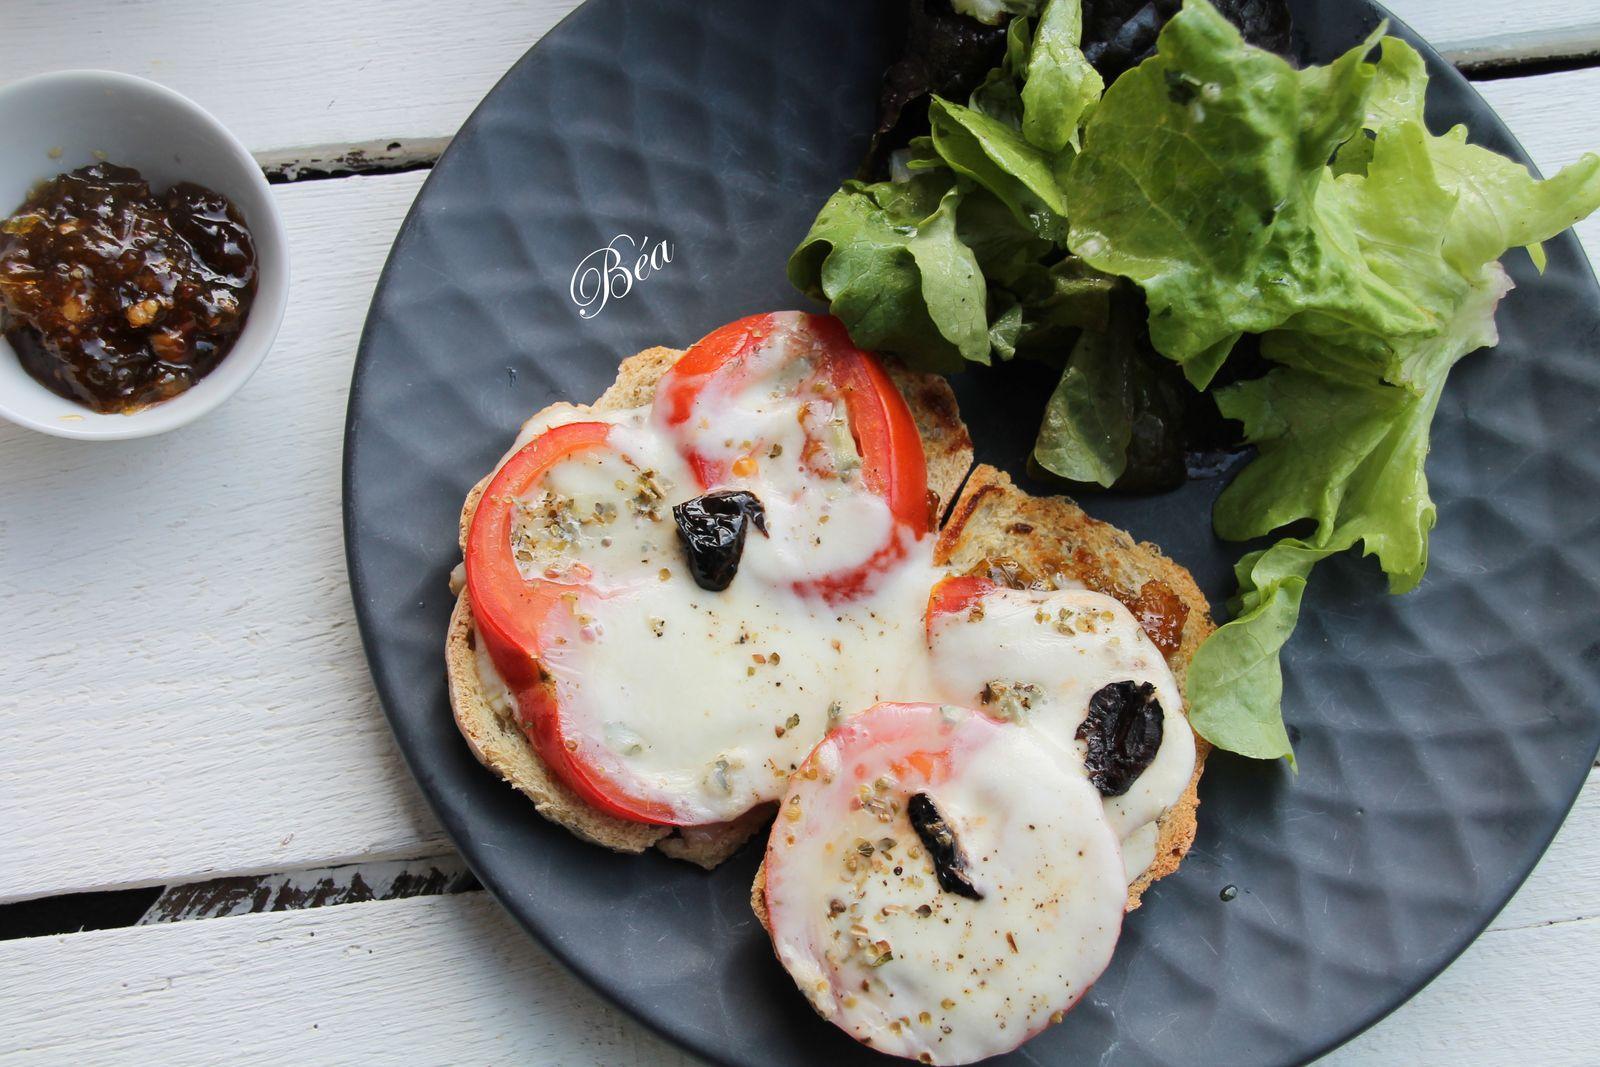 Bruschetta à la confiture de tomates vertes, mozzarella et gorgonzola + ma recette de confiture de tomates vertes